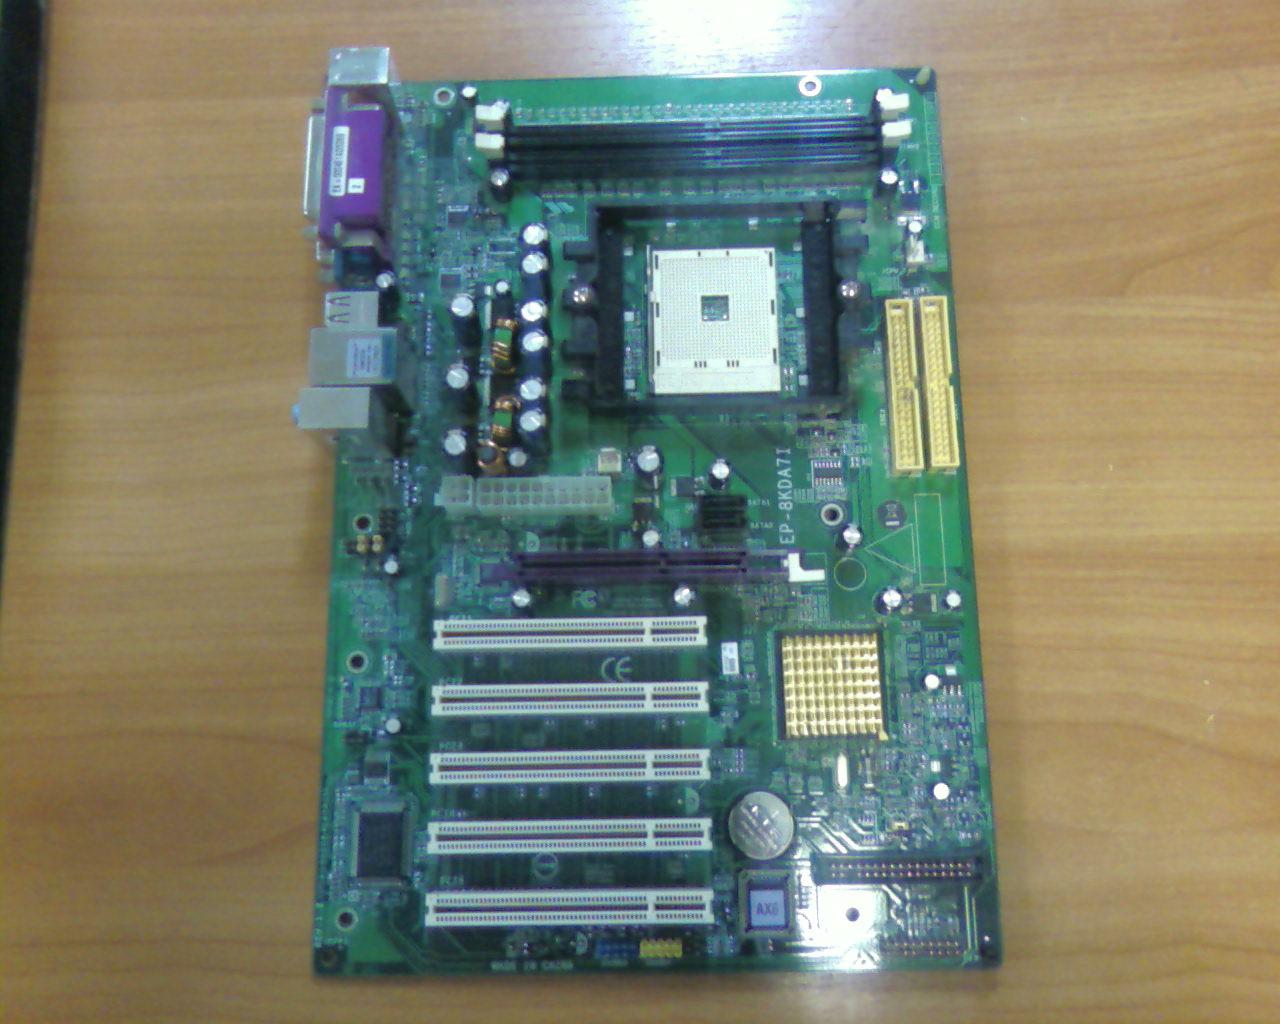 Материнская плата Epox EP-8KDA7I nForce3 250, s754